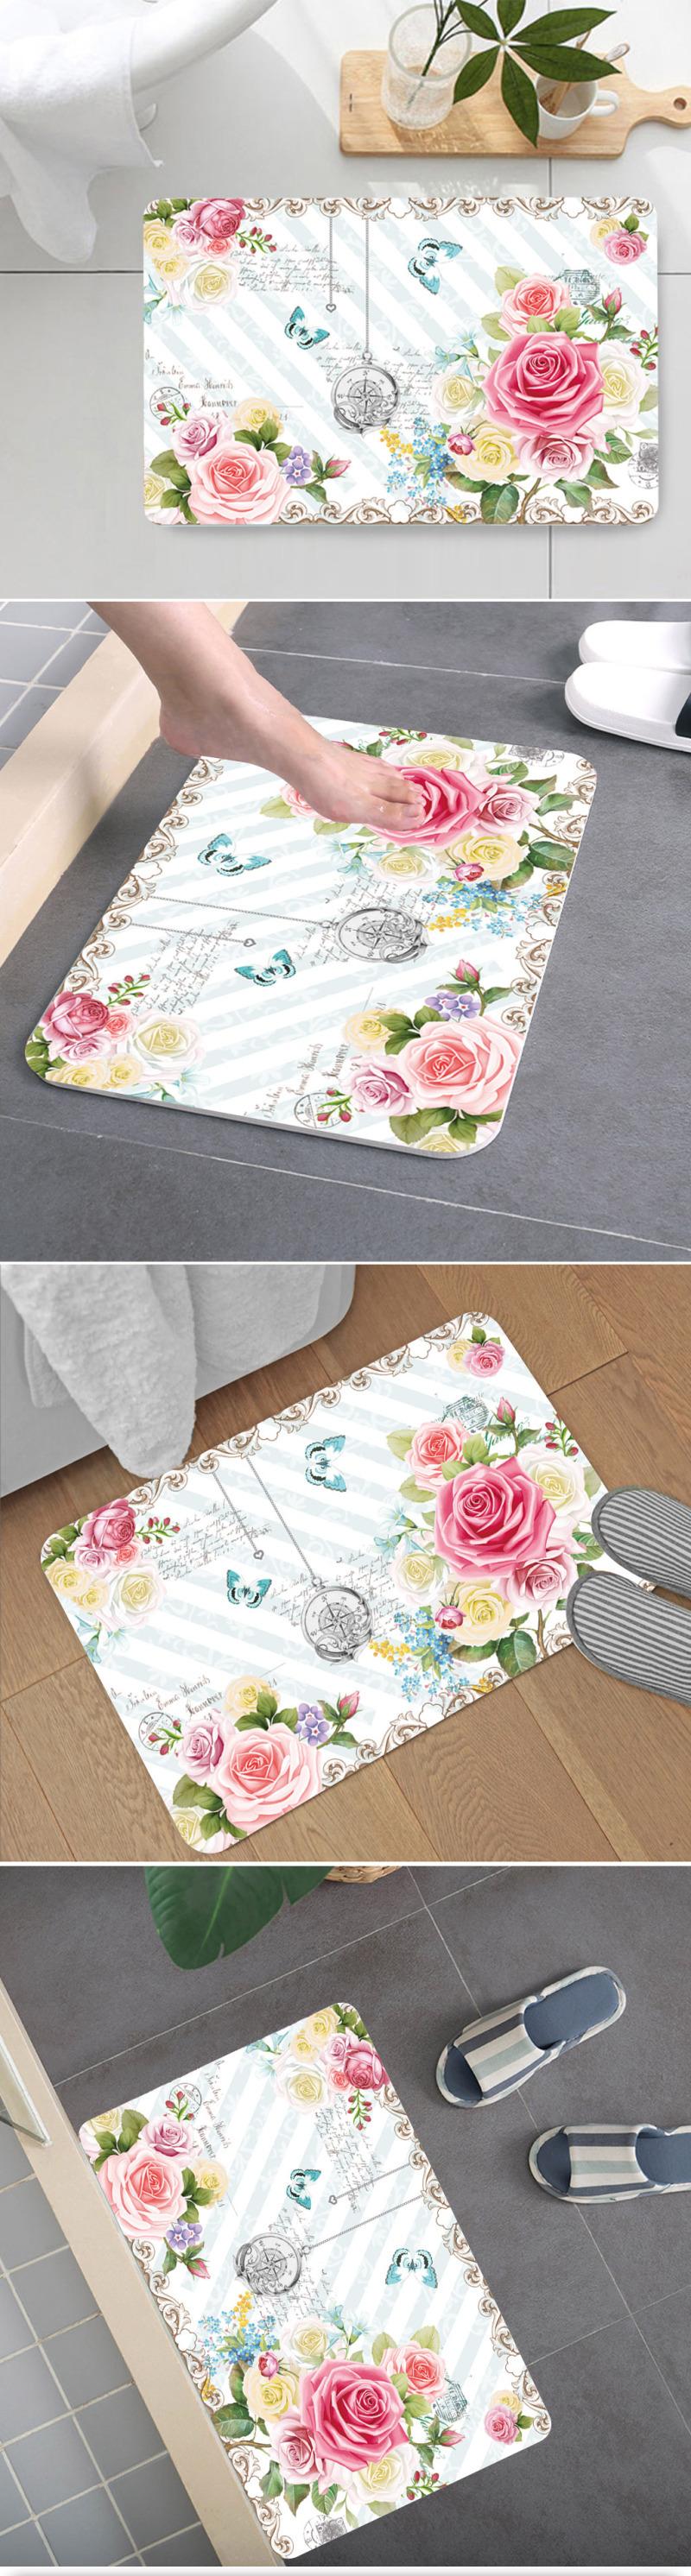 手绘花卉地毯